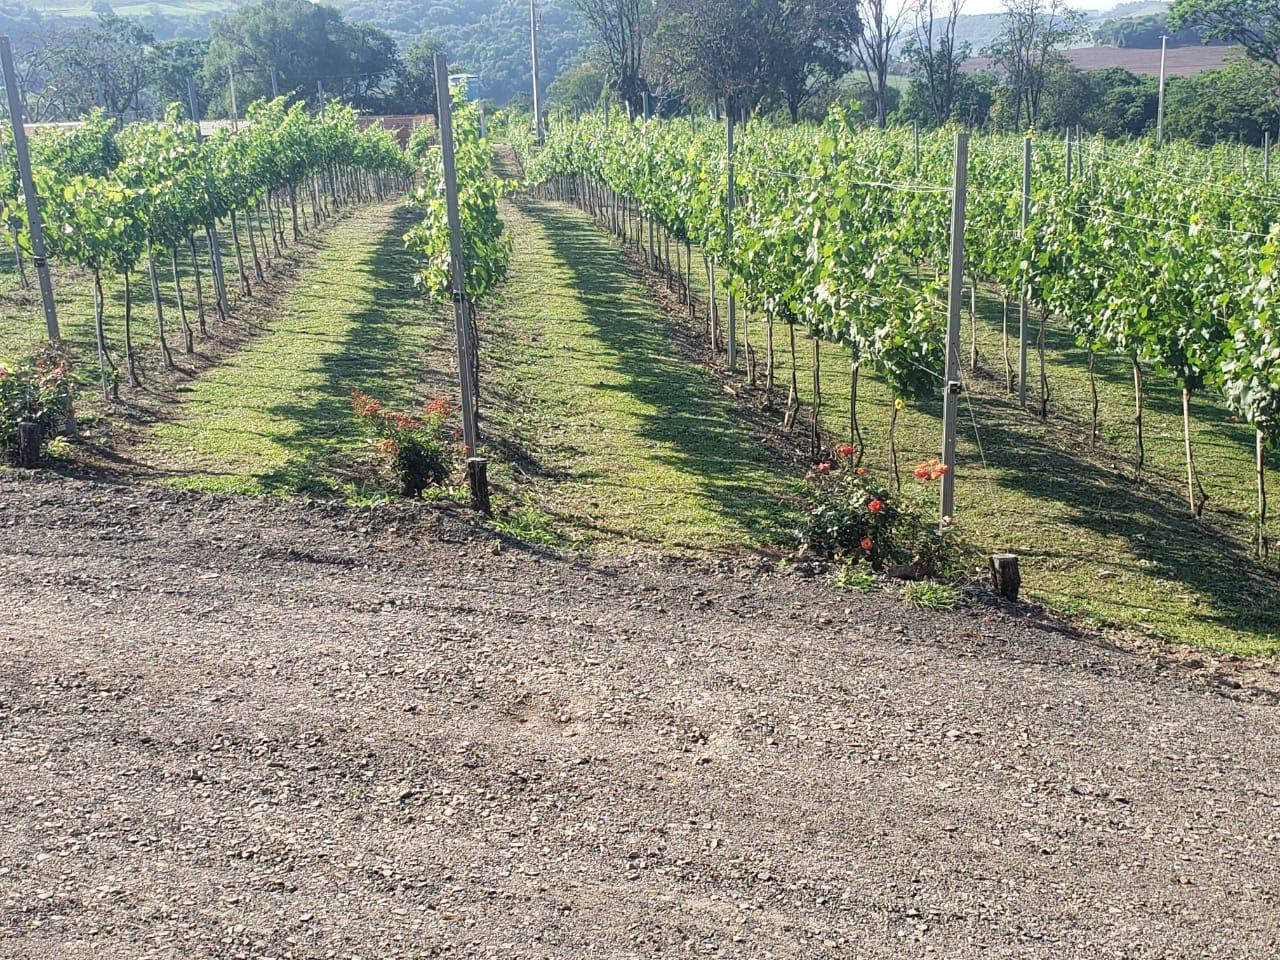 Aberta a visitação e realização de eventos, a Vinícola Casa Carnasciali produz uvas chardonnay, pinot noir e shiraz, contando também com uma estrutura de restaurante wine bar